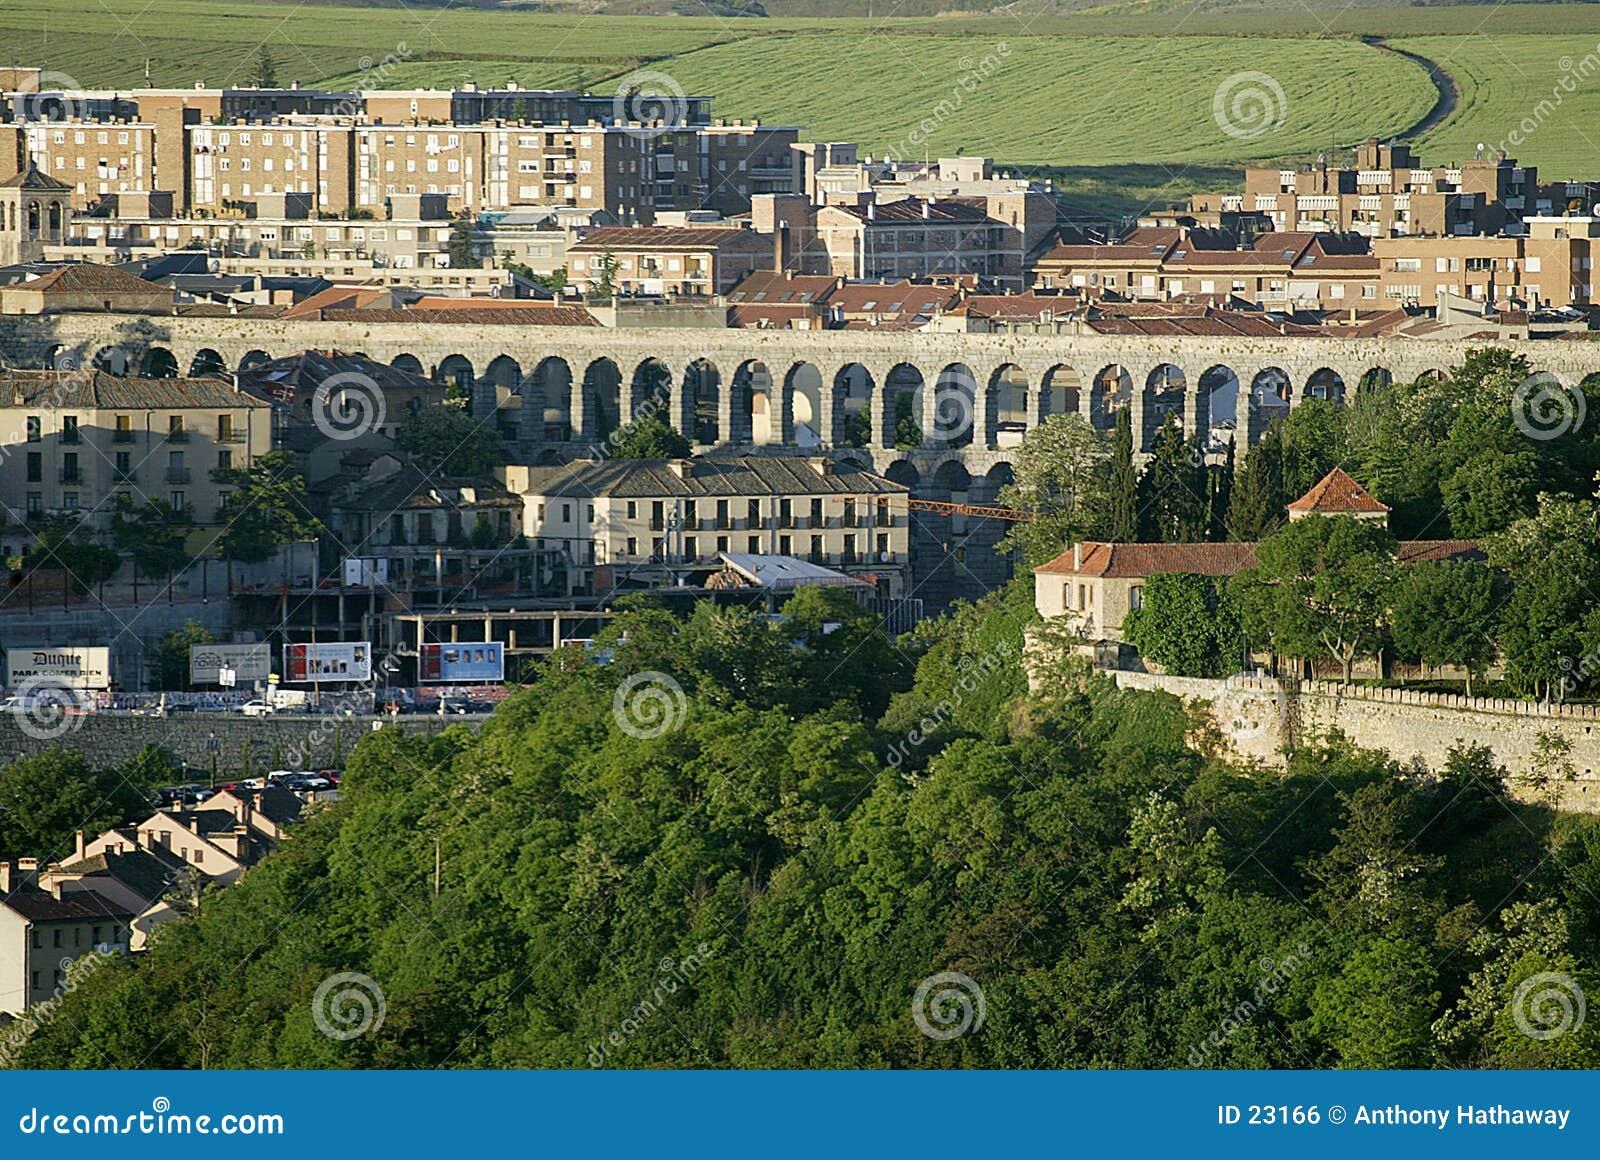 Aqueduc à Segovia, Espagne